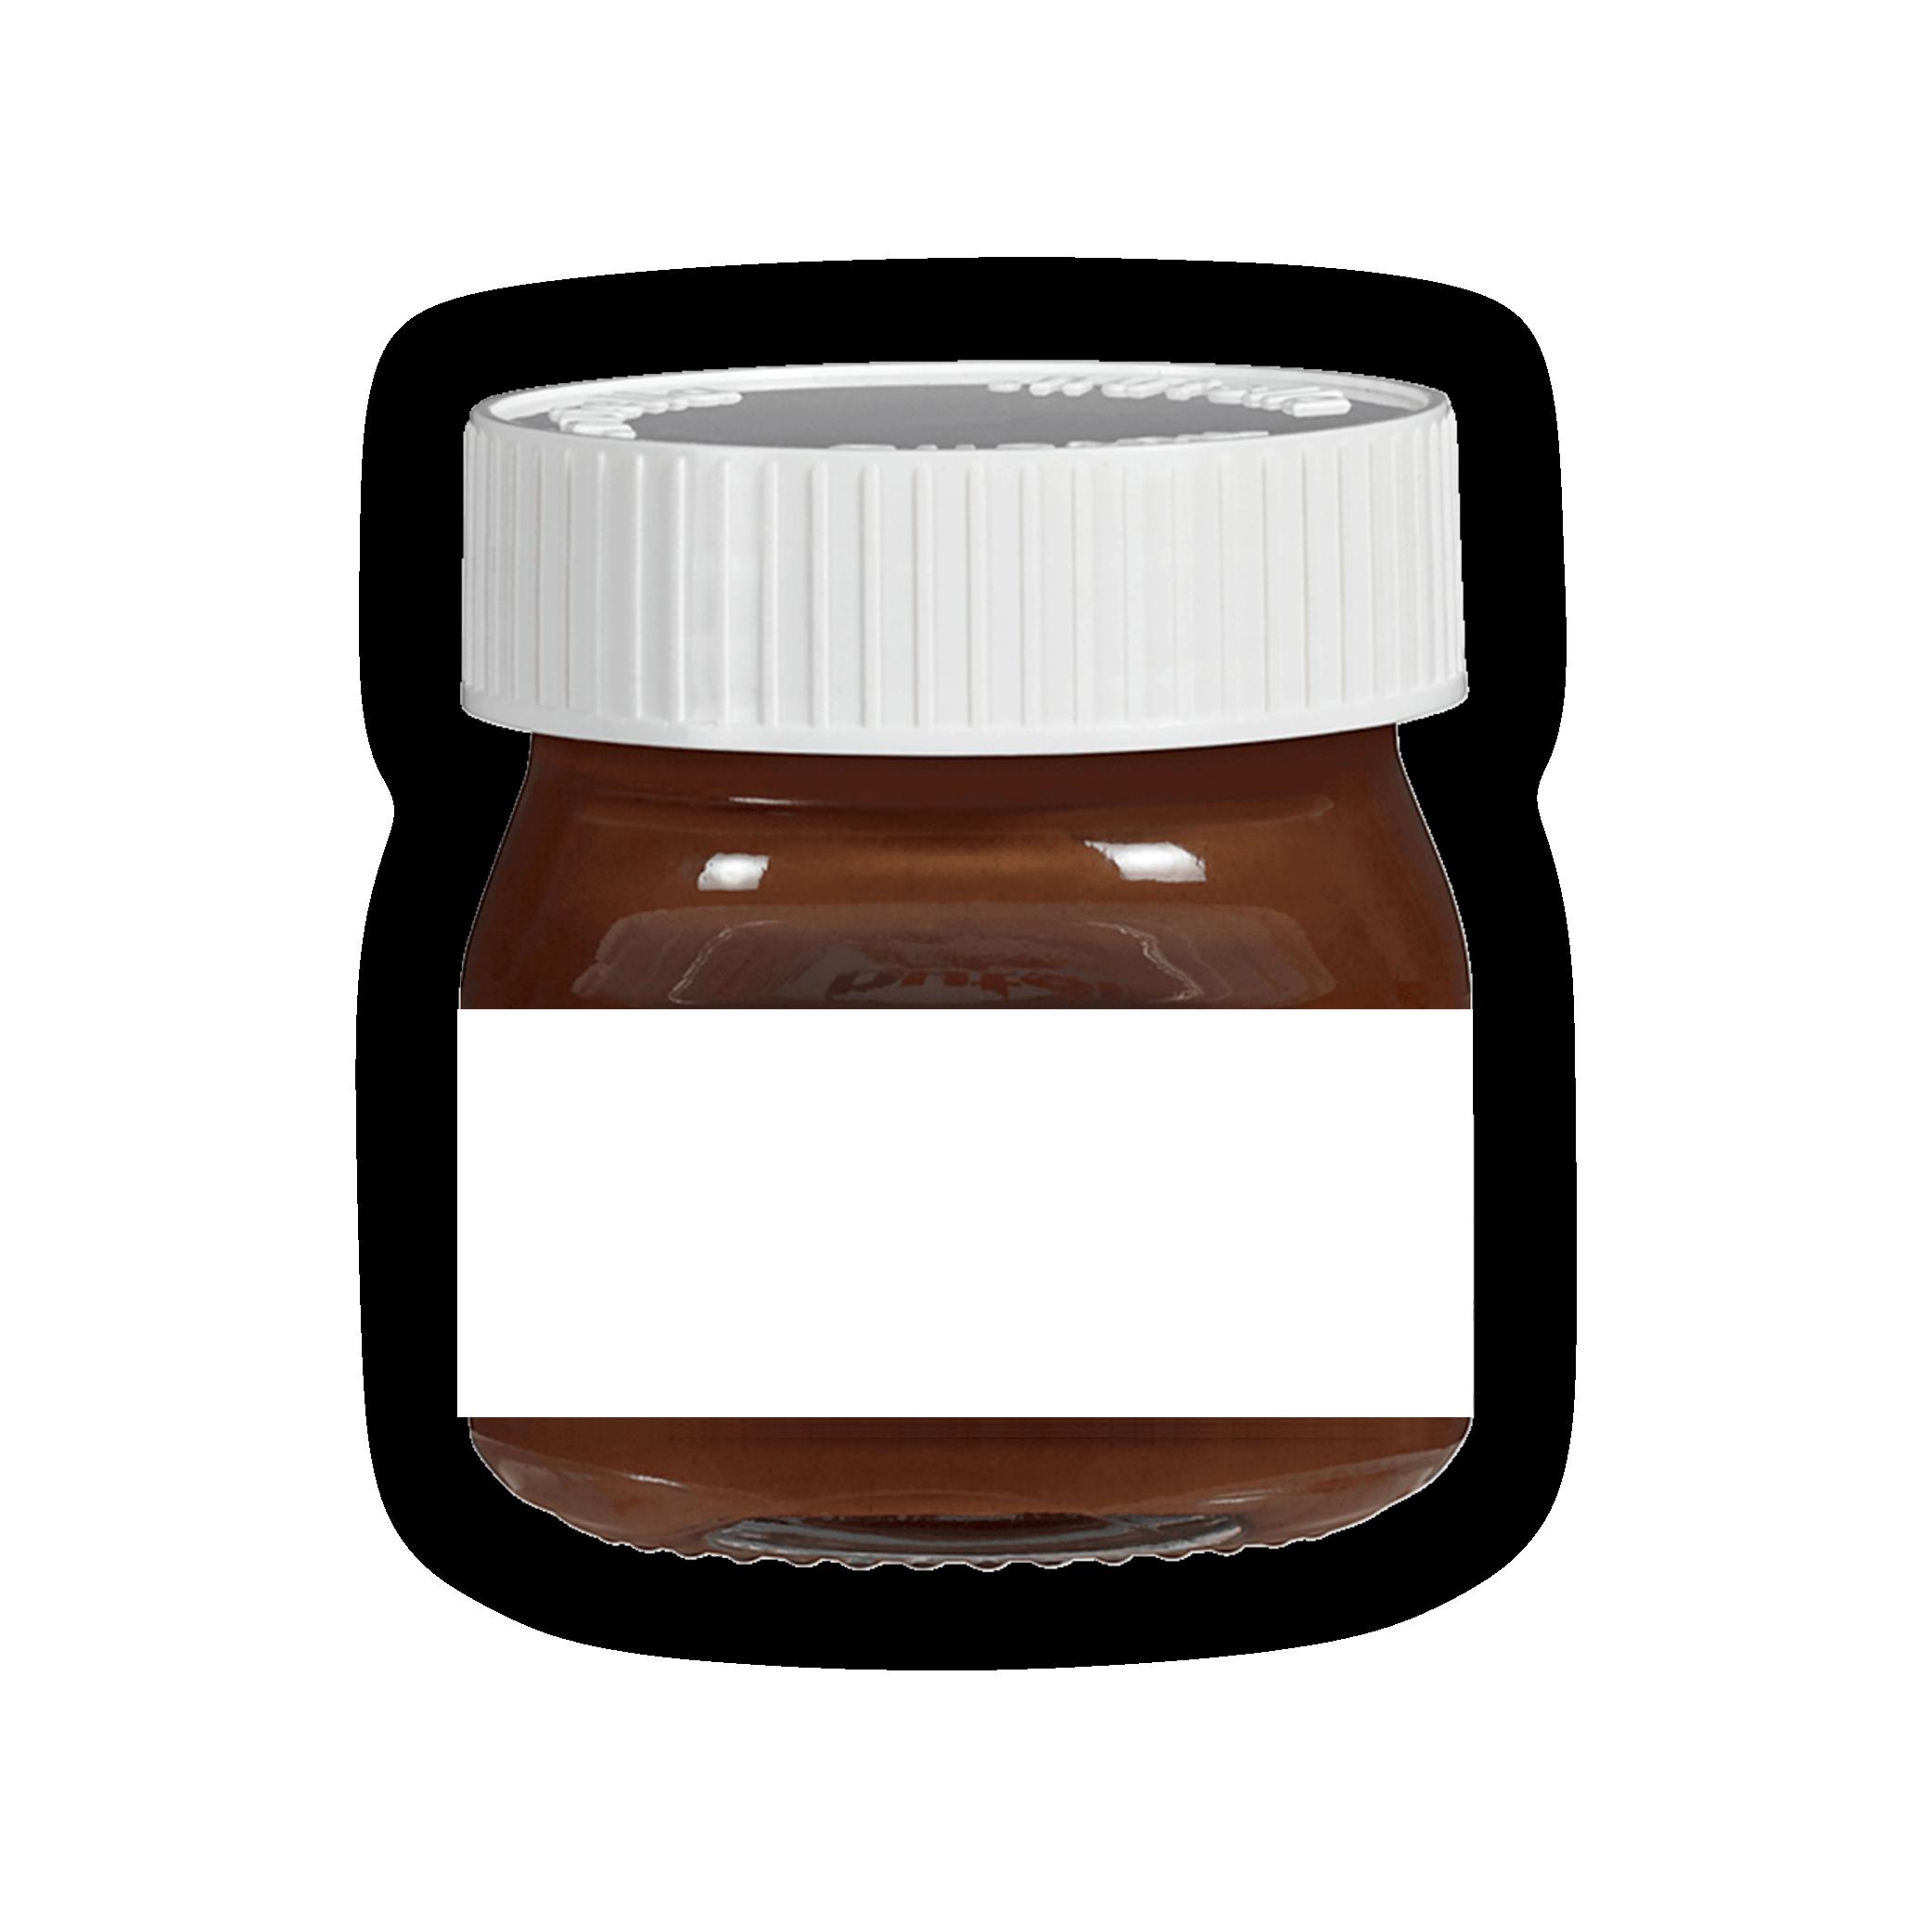 Selbst Gestaltete Etiketten Fur Mini Nutella Geschenke Mit Herz